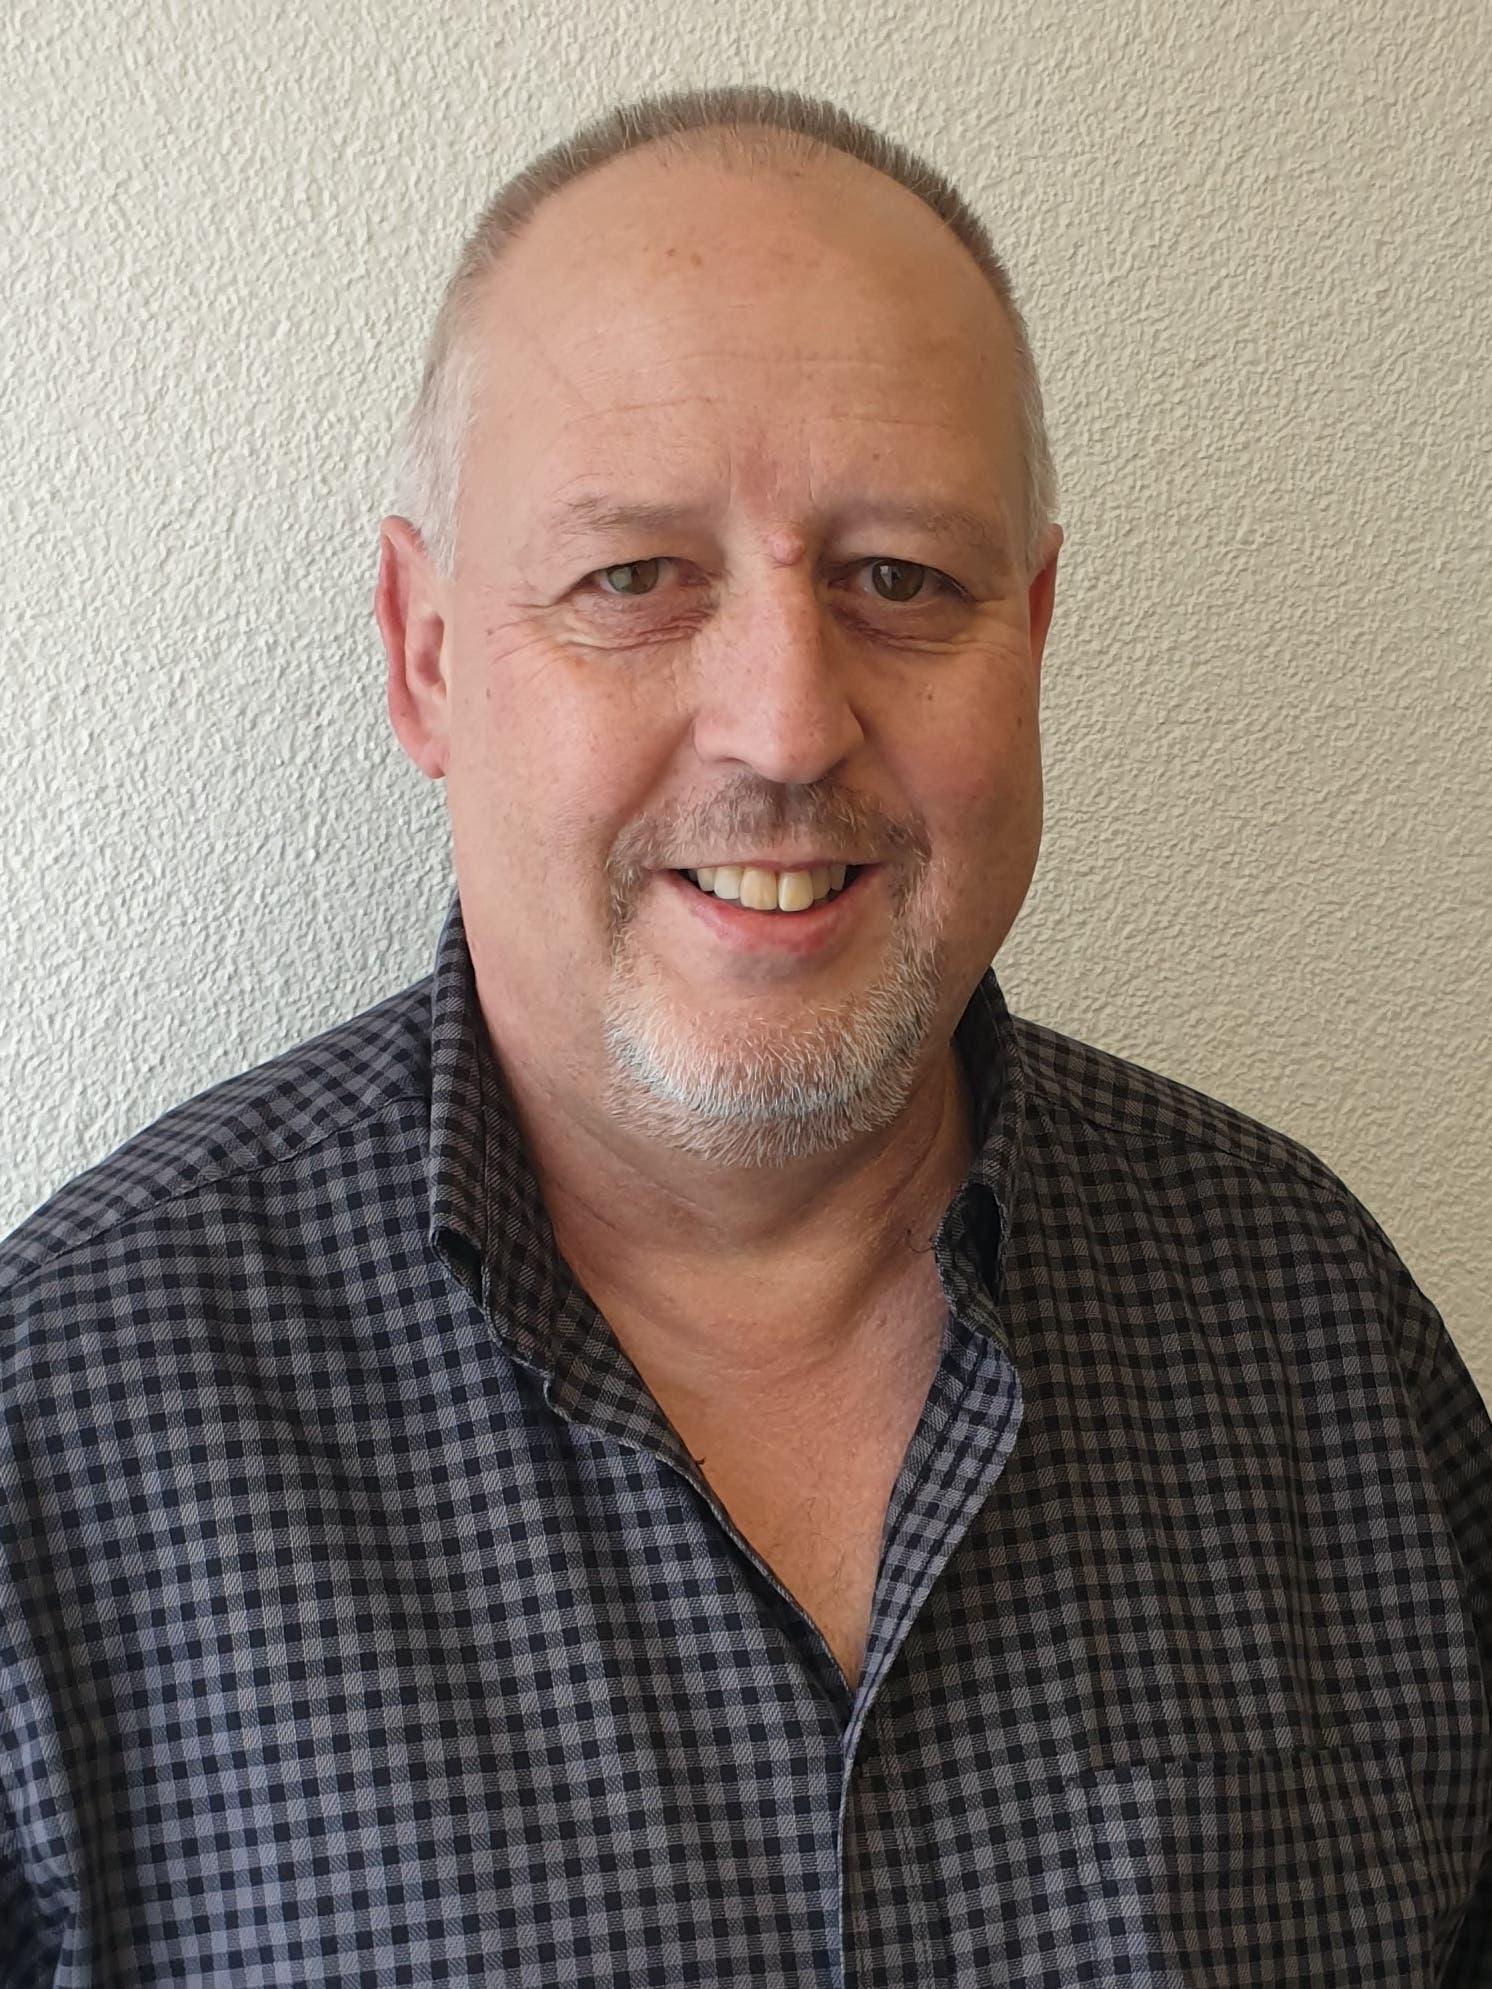 Gewählt: Peter Boog-Mannhart, FDP (bisher)